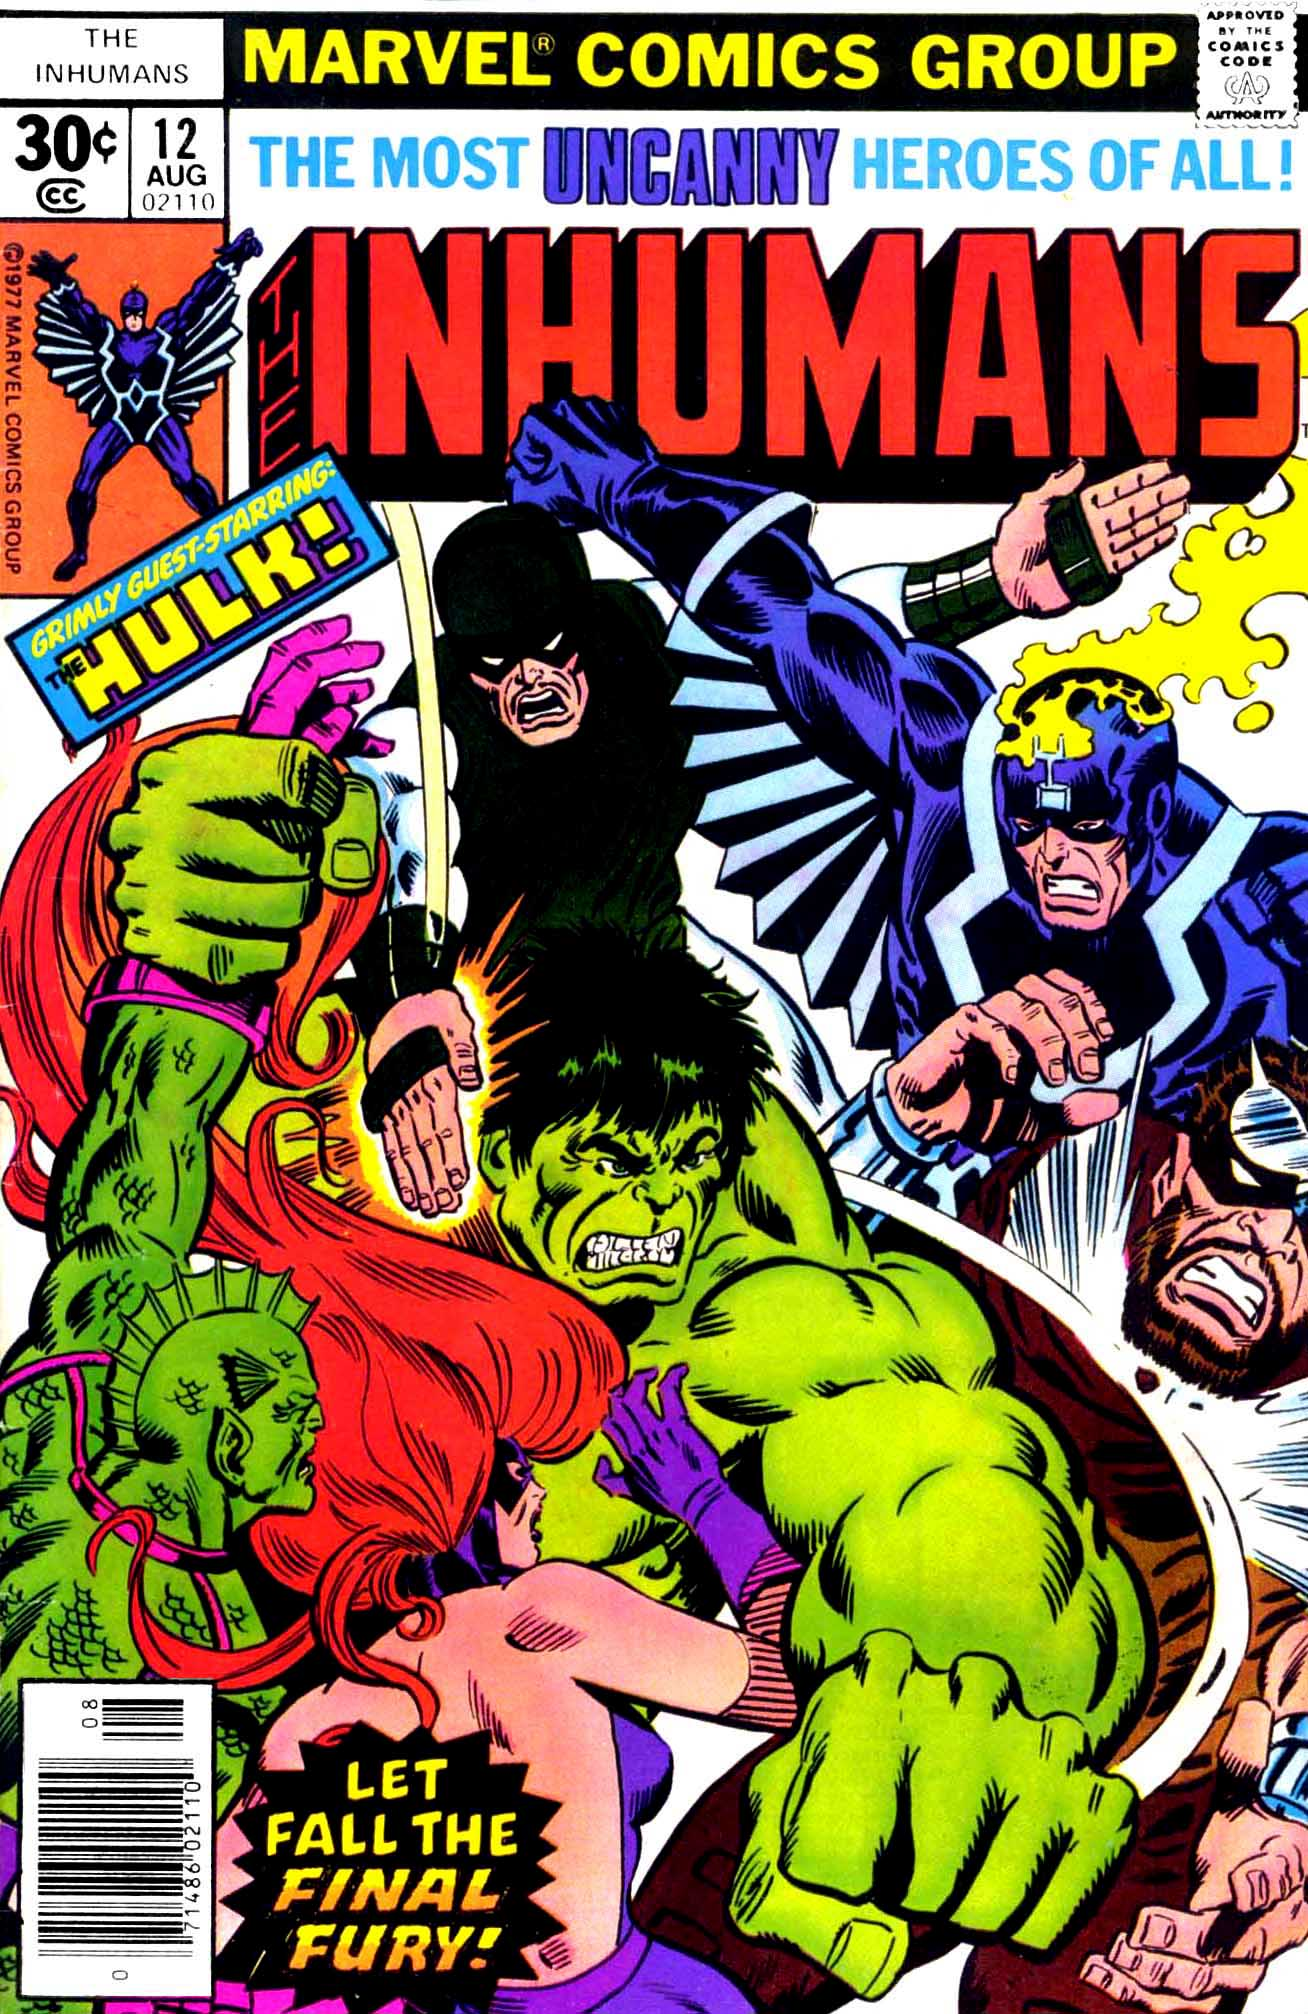 Inhumans (1975) issue 12 - Page 1